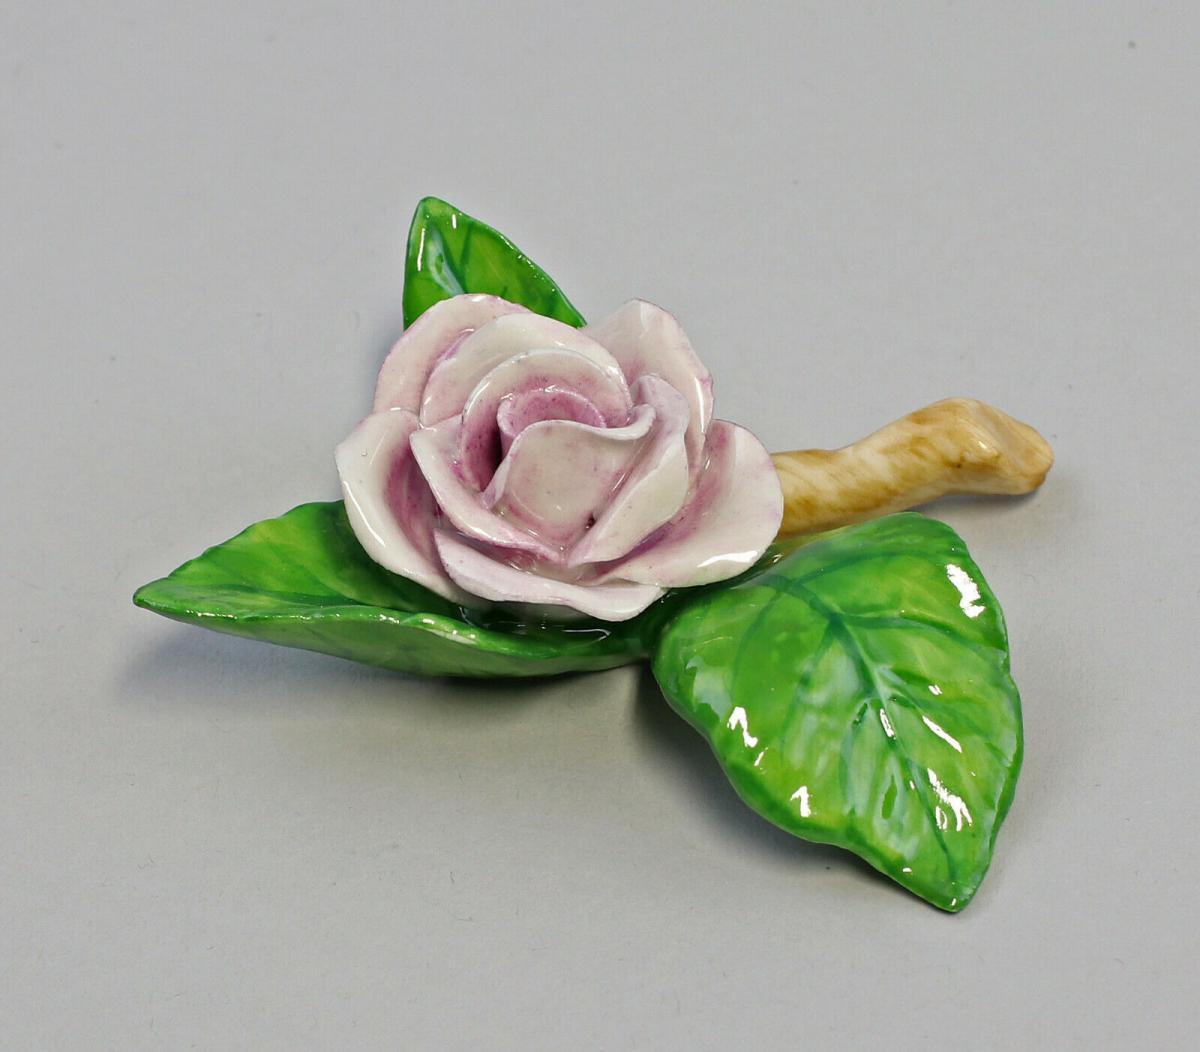 9959625 Porzellan Figur Tischblume Rose Zweig hellviolett Ens 8x8x2,5cm